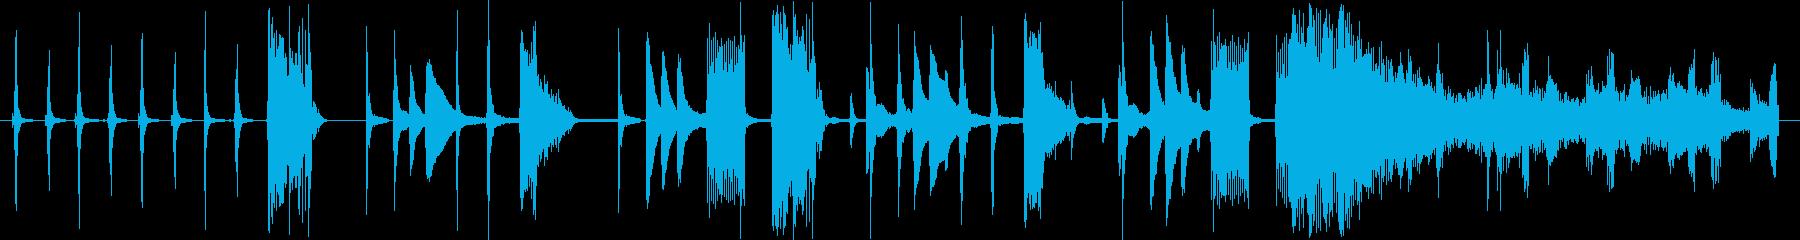 色々な時計の音を使ったCM用BGMの再生済みの波形